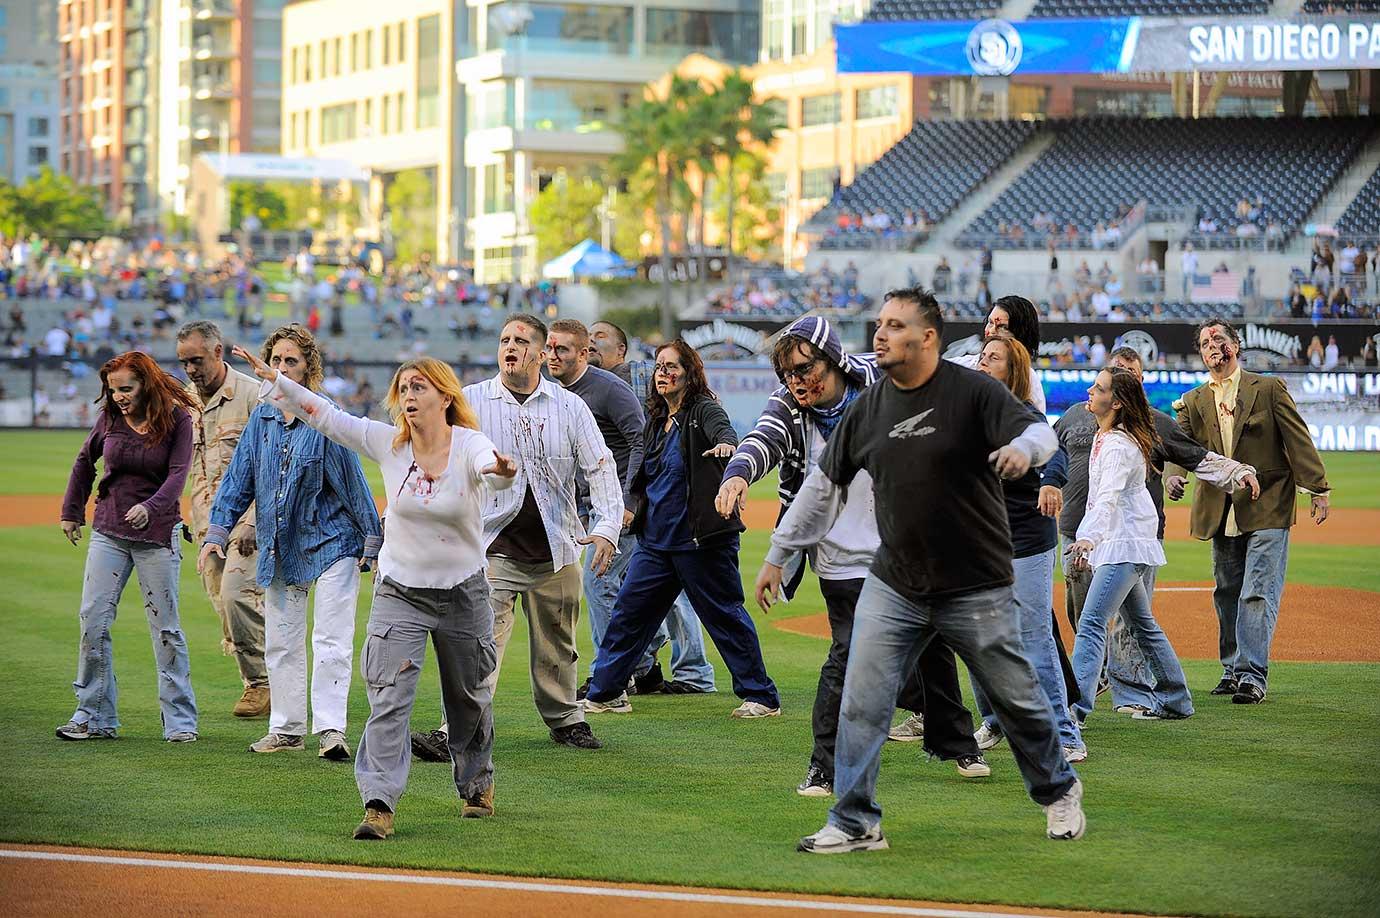 Los Angeles Dodgers vs. San Diego Padres — June 20, 2013